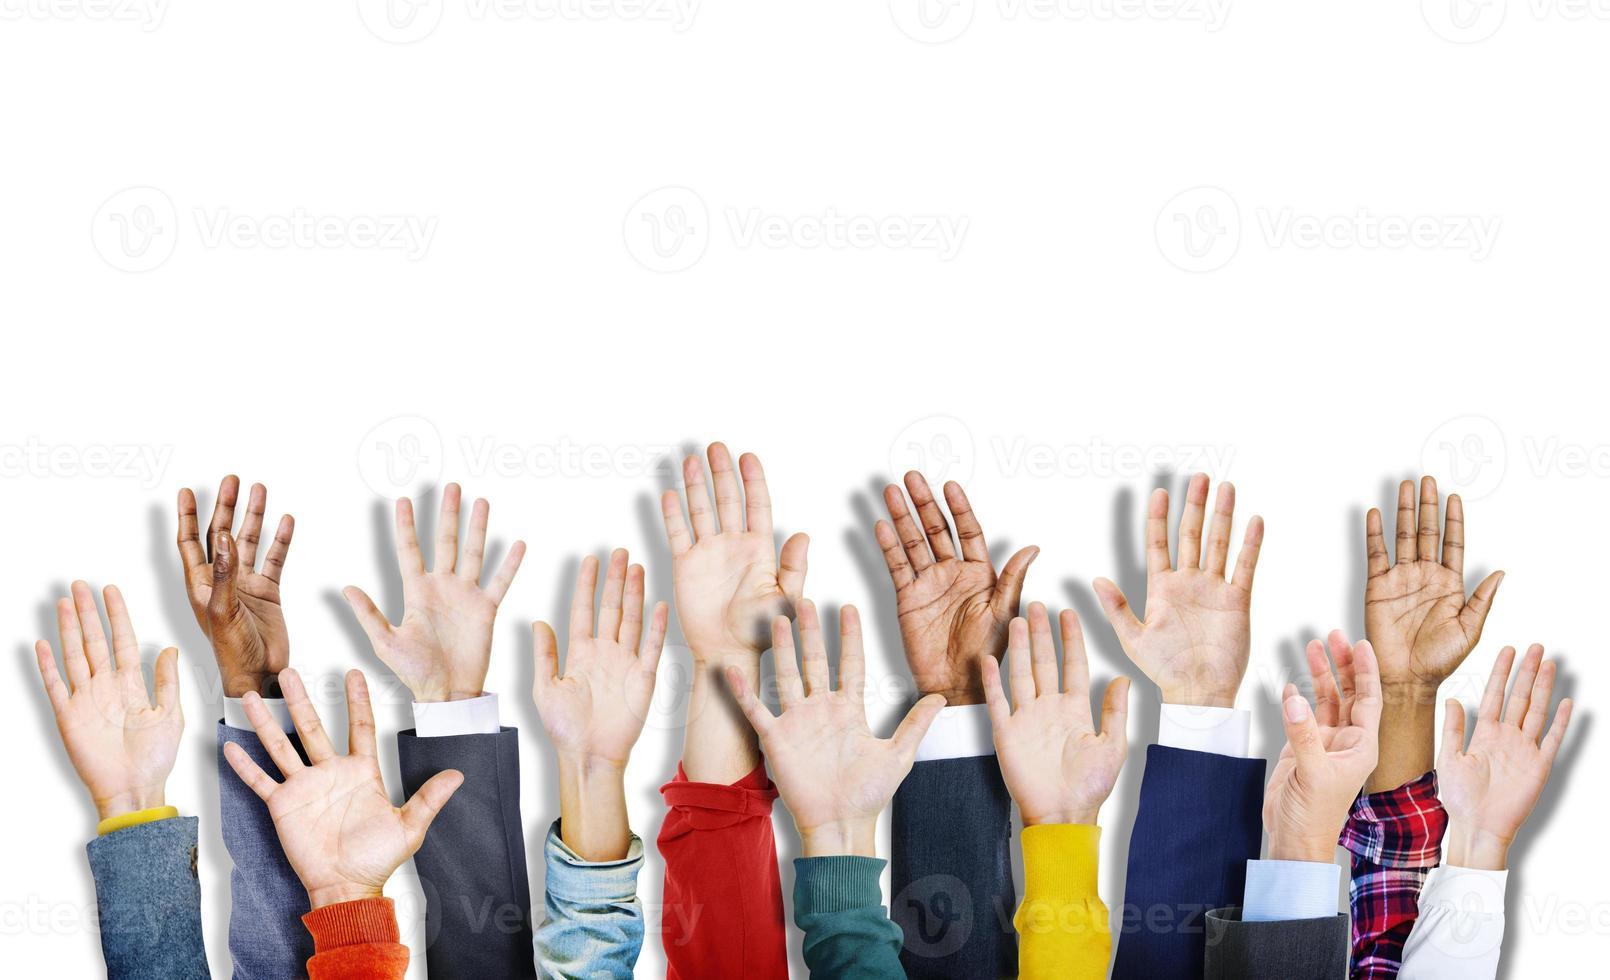 grupo de manos coloridas diversas multiétnicas levantadas foto